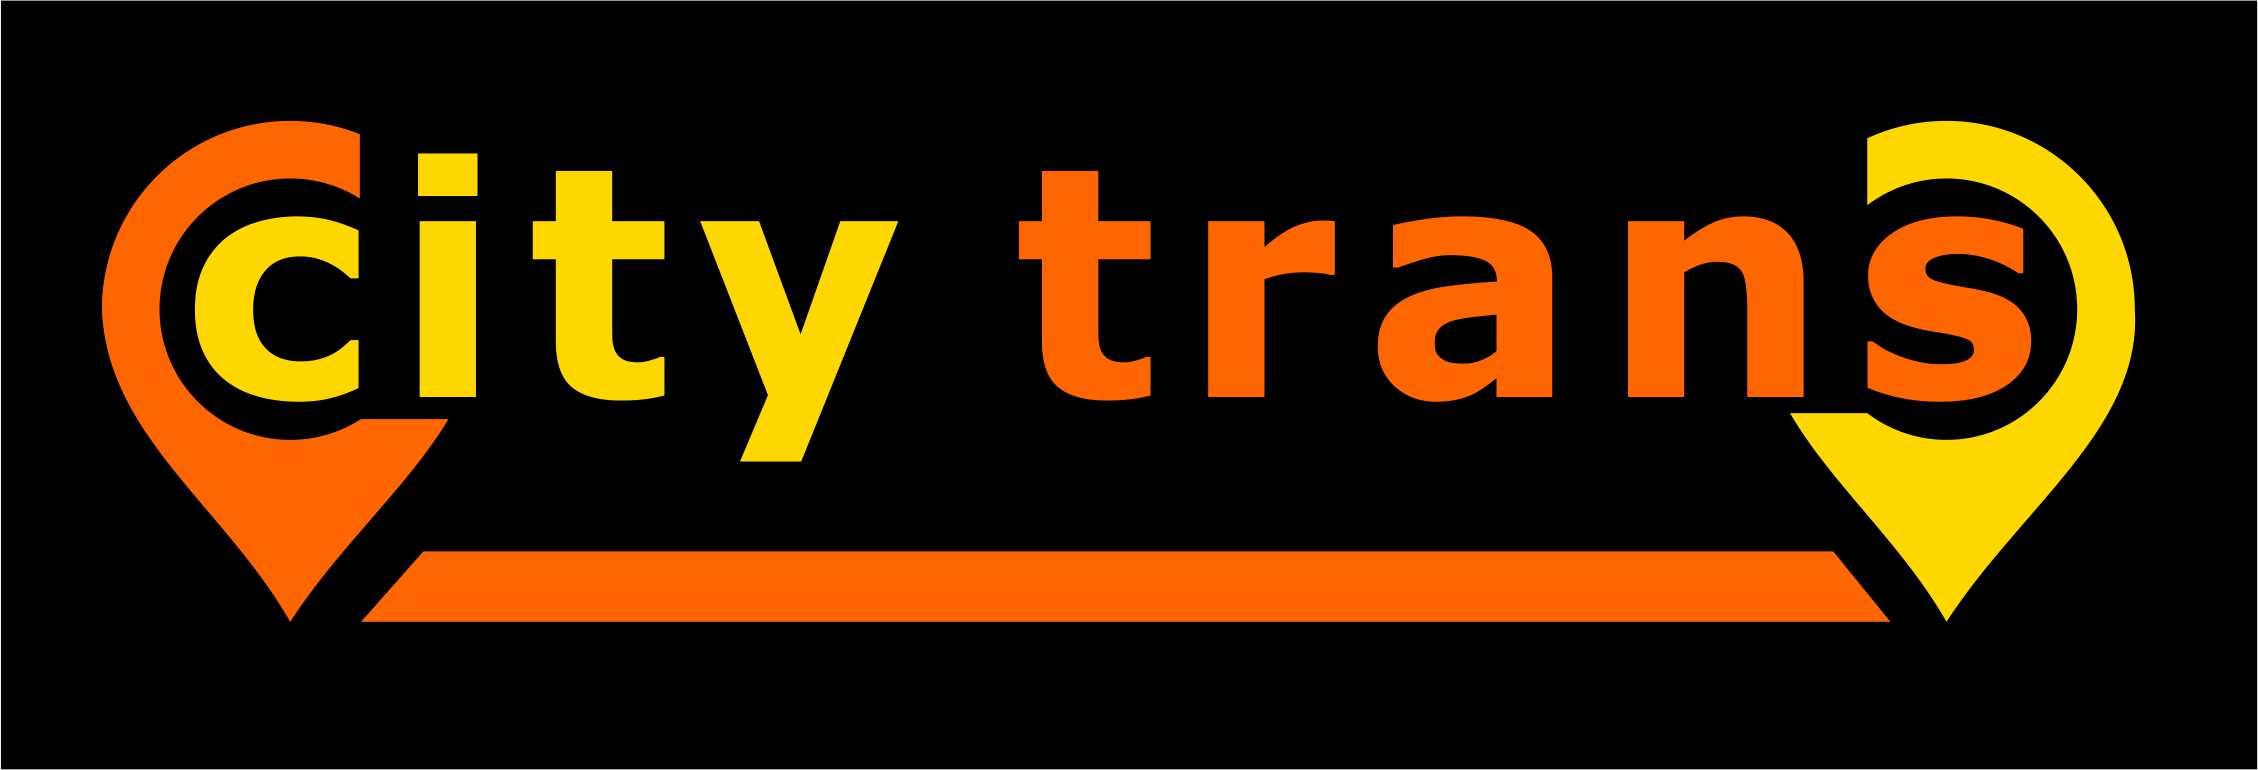 Разработка Логотипа транспортной компании фото f_1175e6f9d0dcca54.jpg